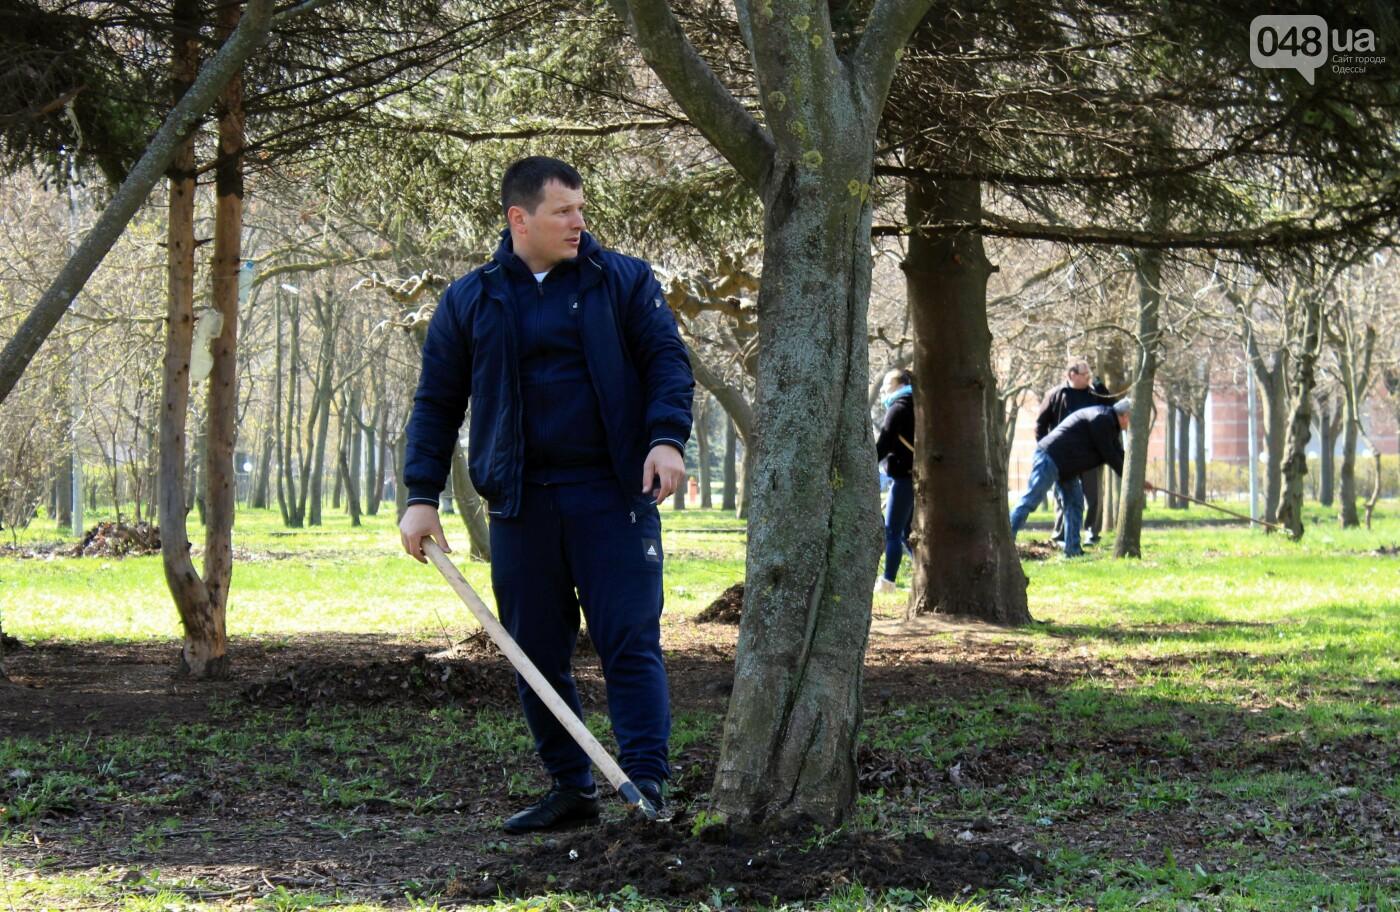 Возле Одесской обладминистрации провели субботник и высадили сосны, - ФОТОРЕПОРТАЖ, ВИДЕО , фото-10